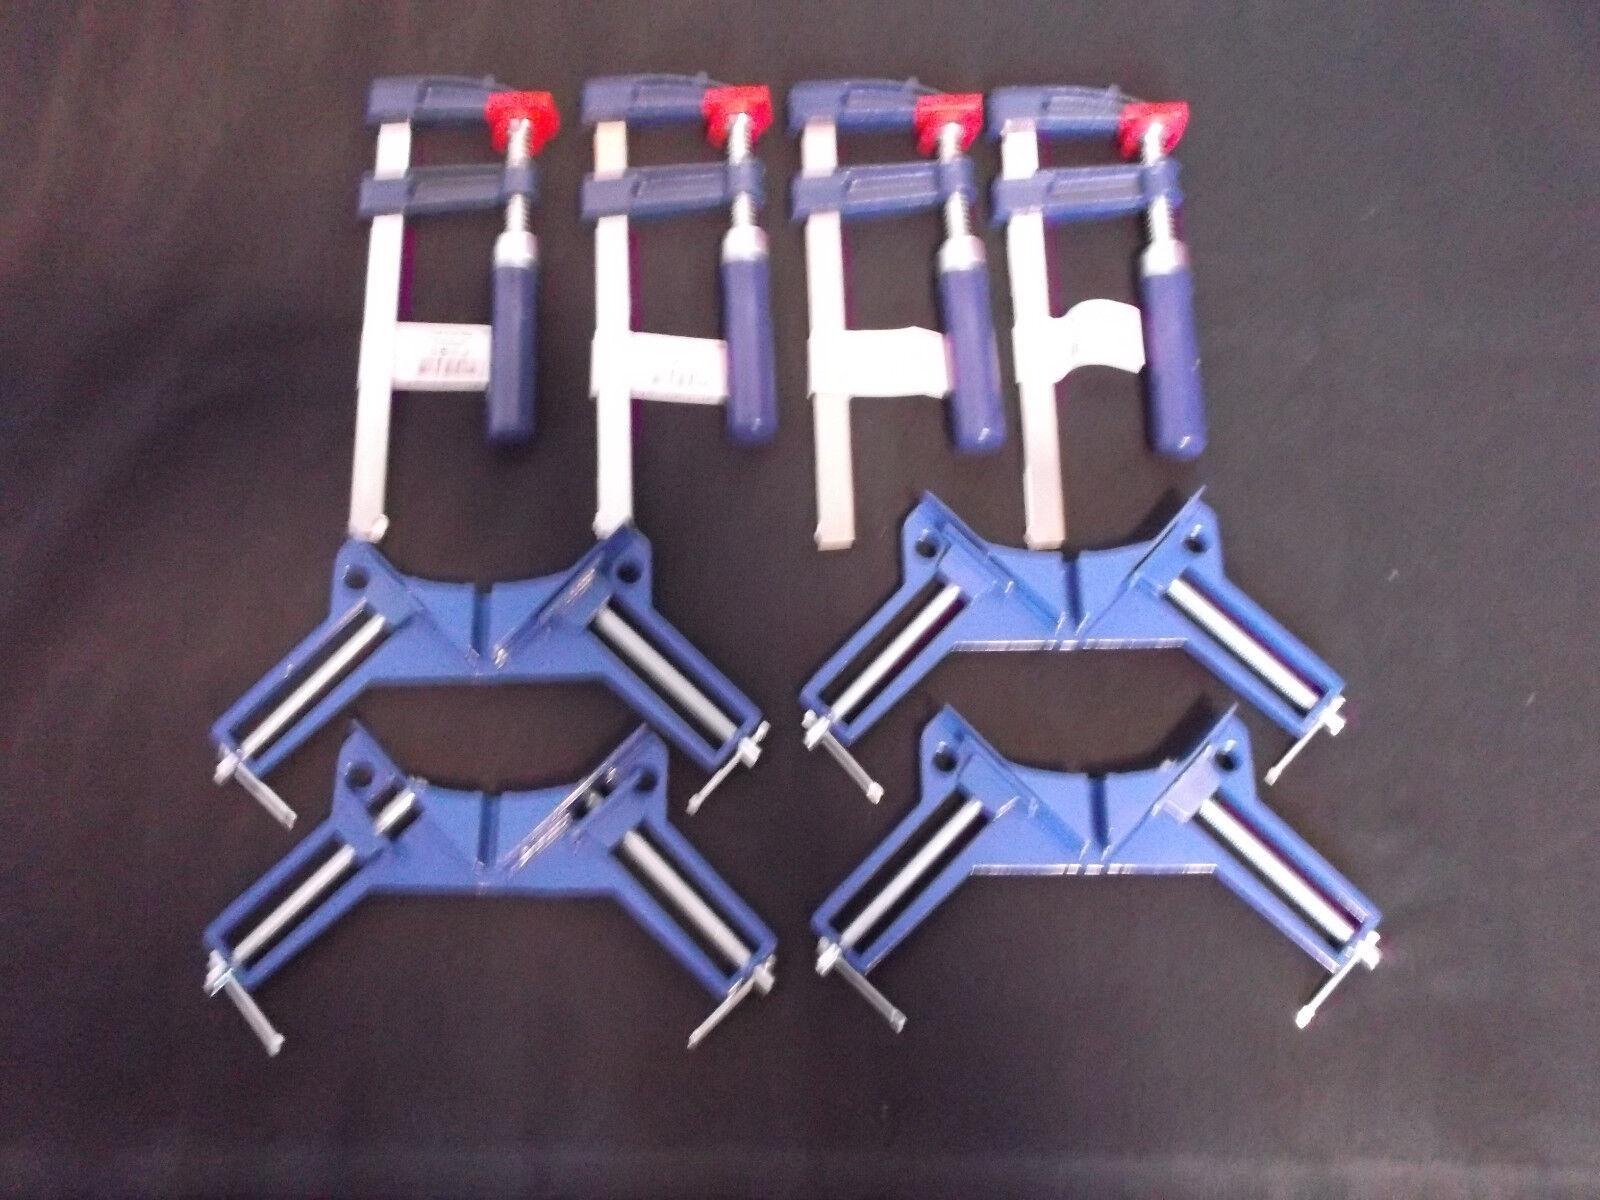 4x SCHRAUBZWINGEN 150x50mm + 4 GEHRUNGSZWINGEN/WINKELSPANNER 75mm = SET